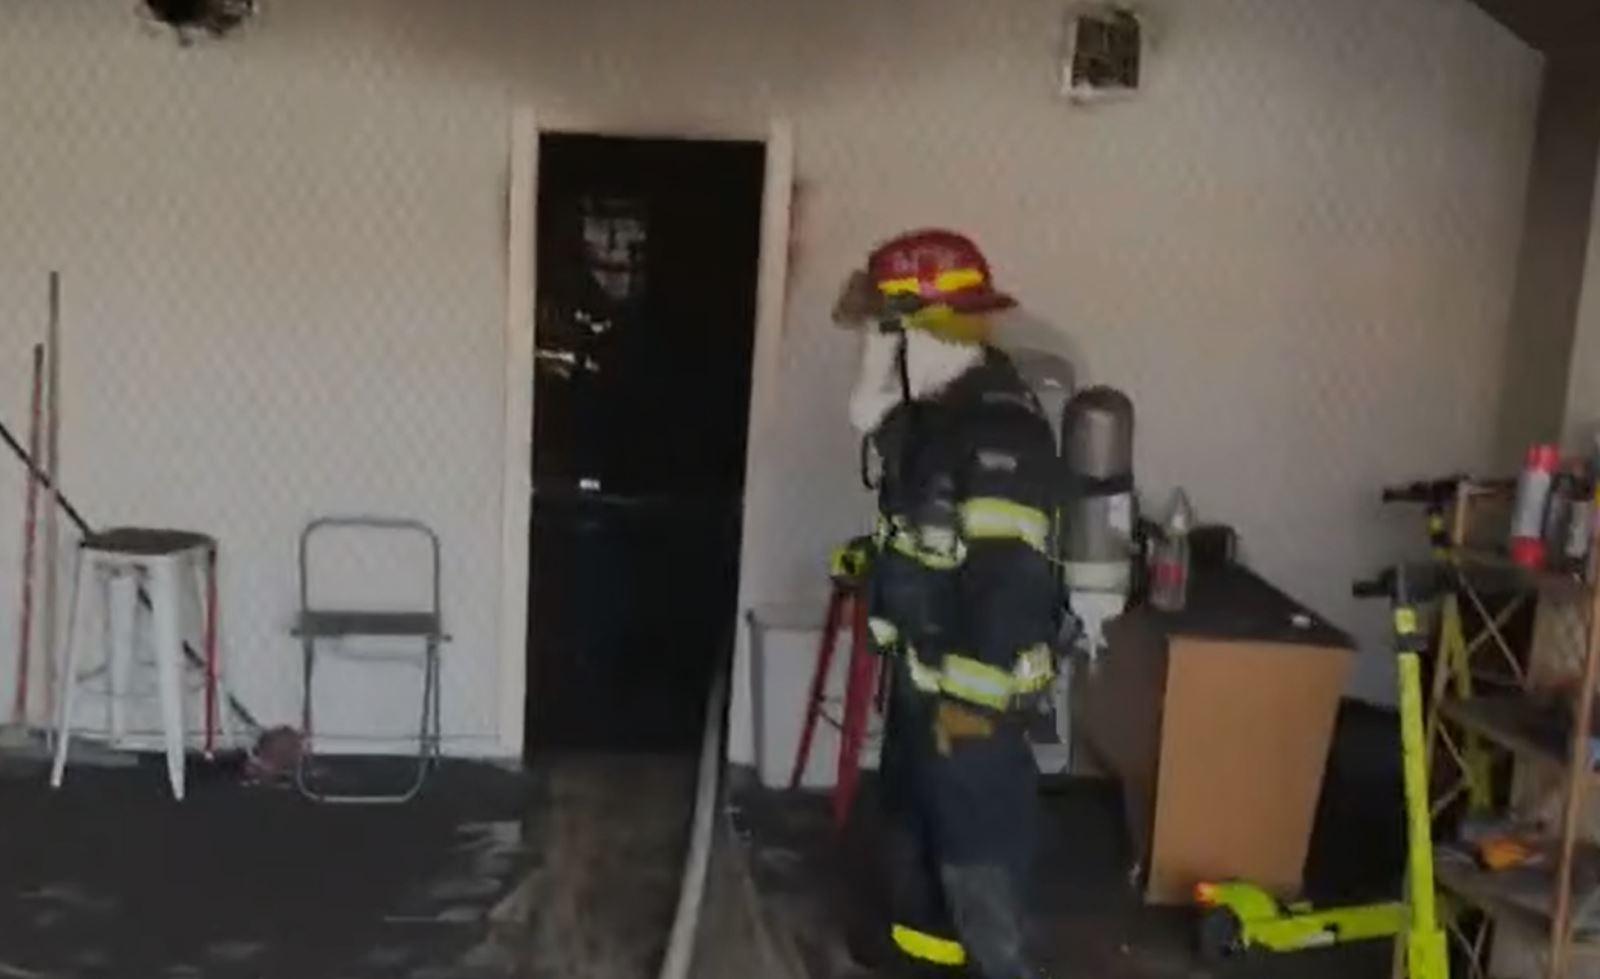 חמישה צוותי כיבוי פועלים כעת בשריפה שפרצה במבנה תעשייה ברחוב התבונה באילת